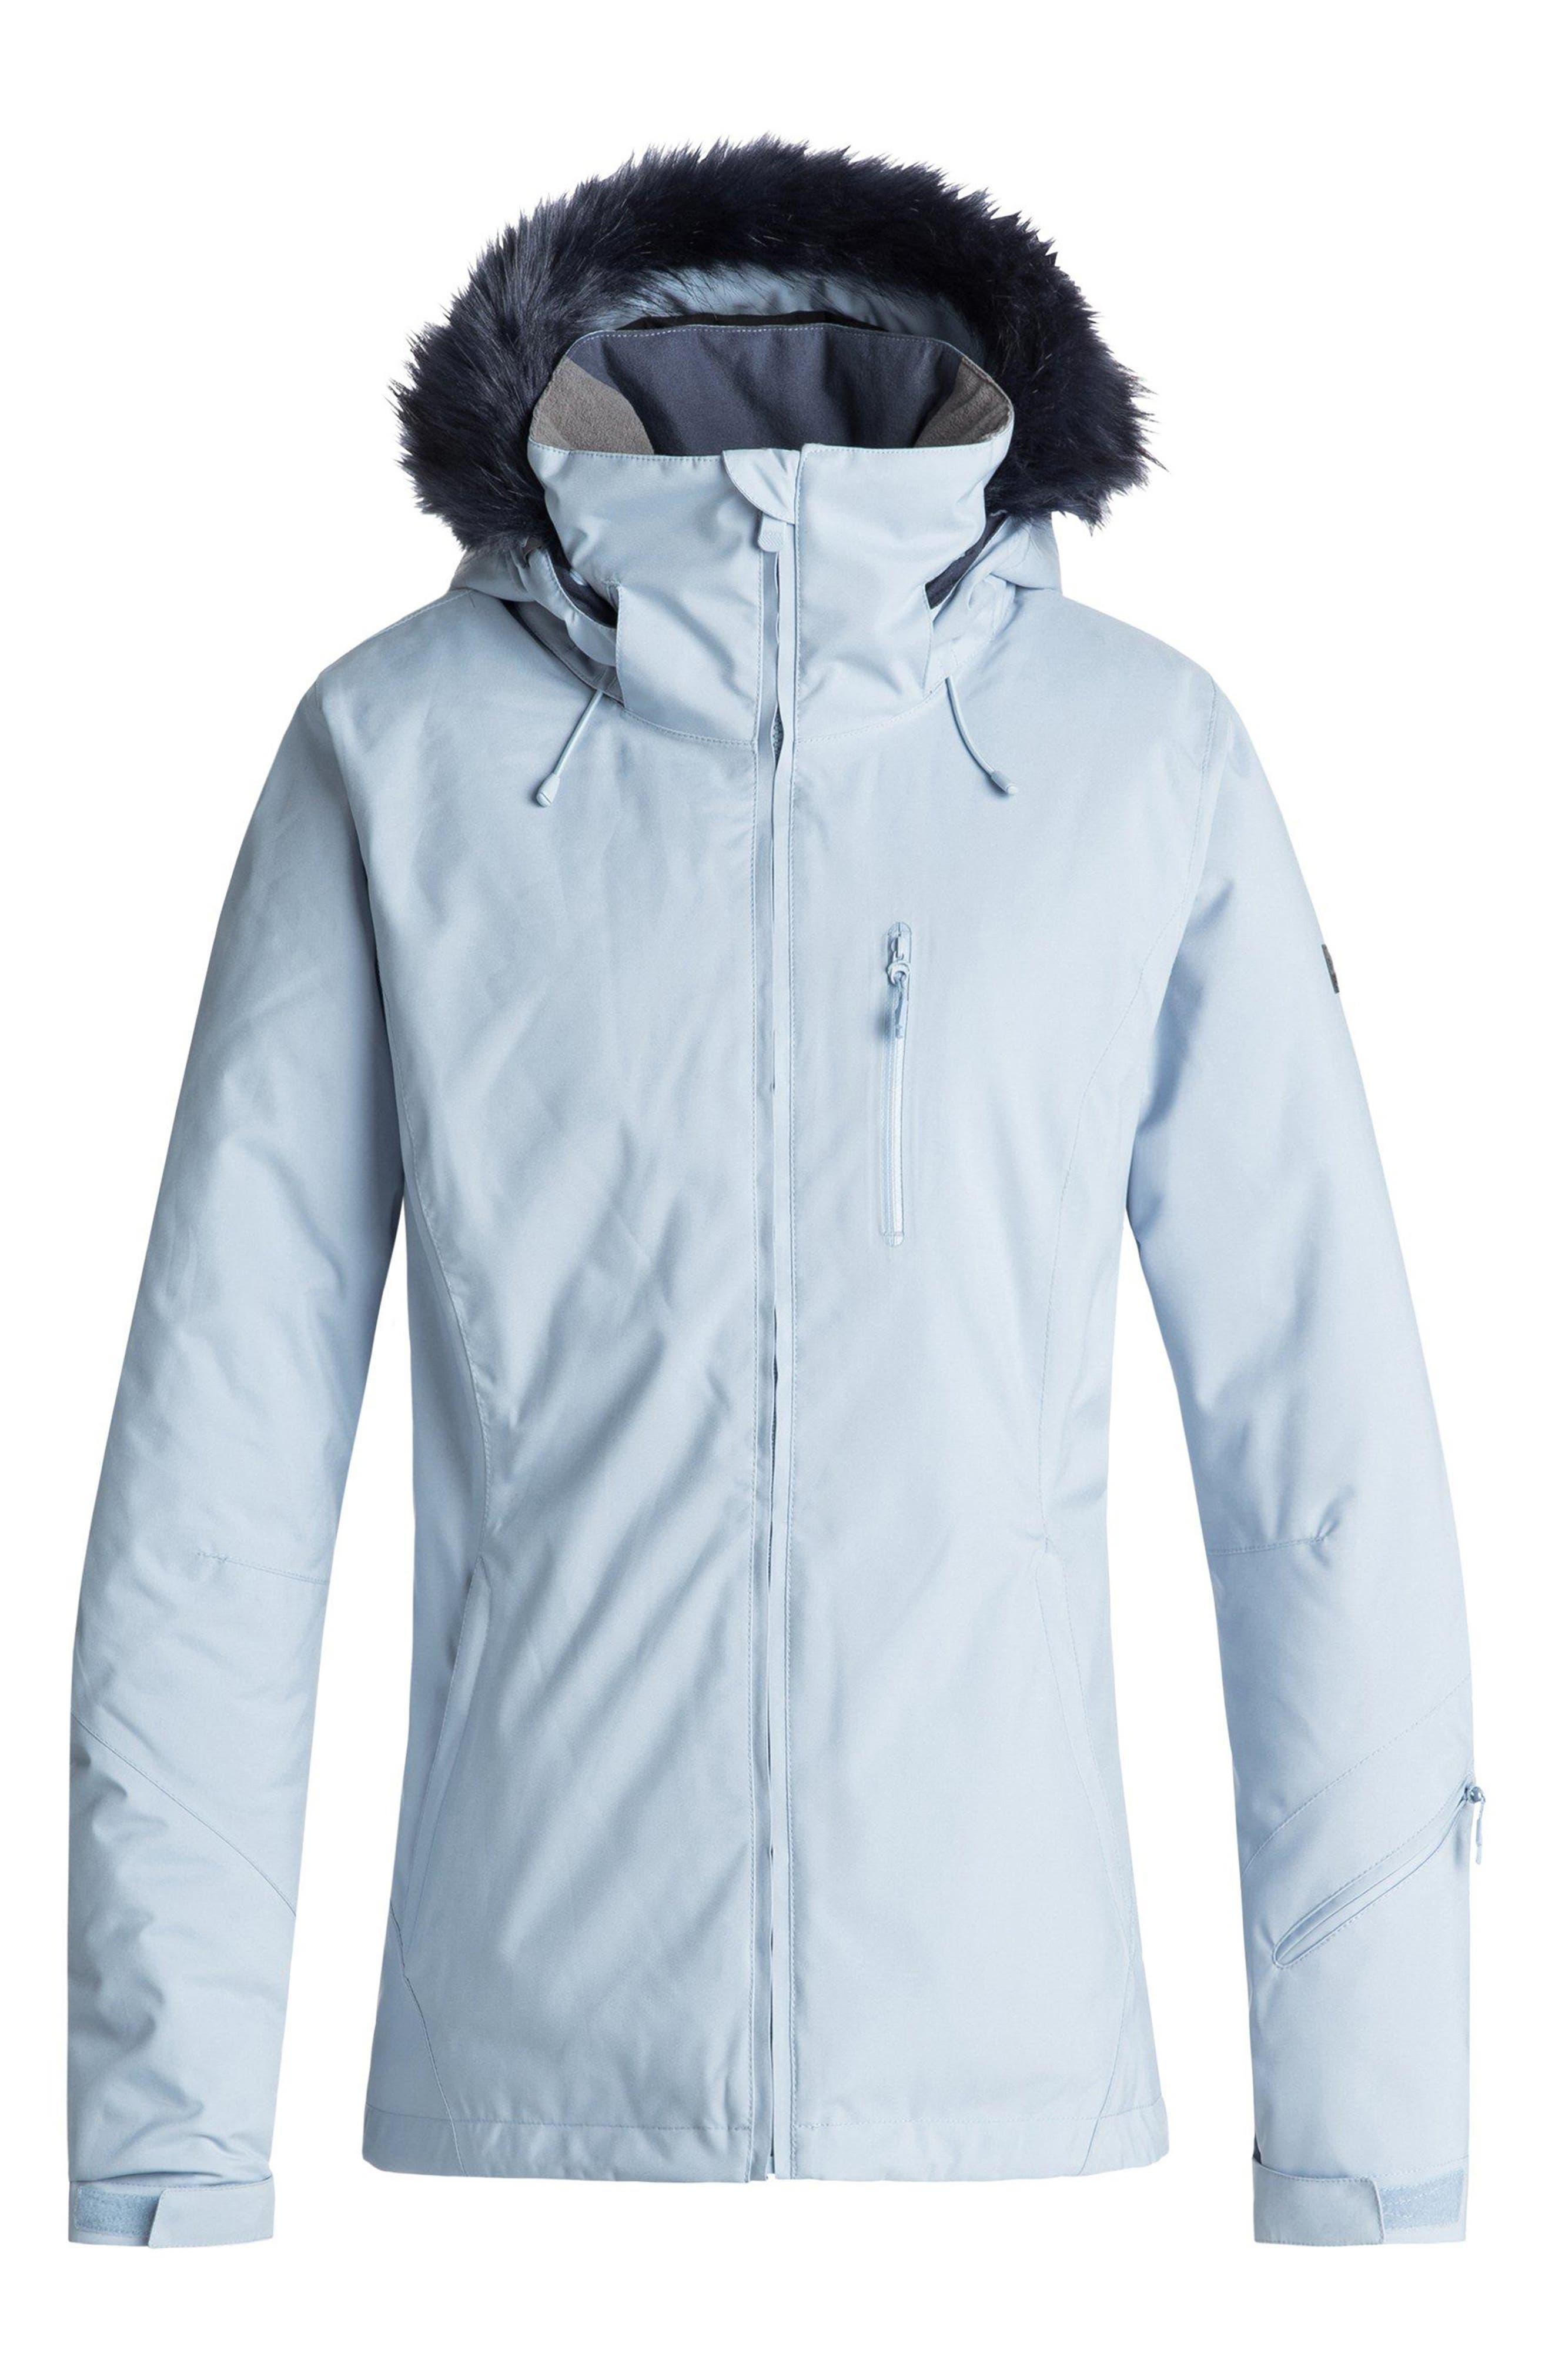 Down the Line Snow Jacket with Faux Fur Trim,                             Main thumbnail 1, color,                             POWDER BLUE